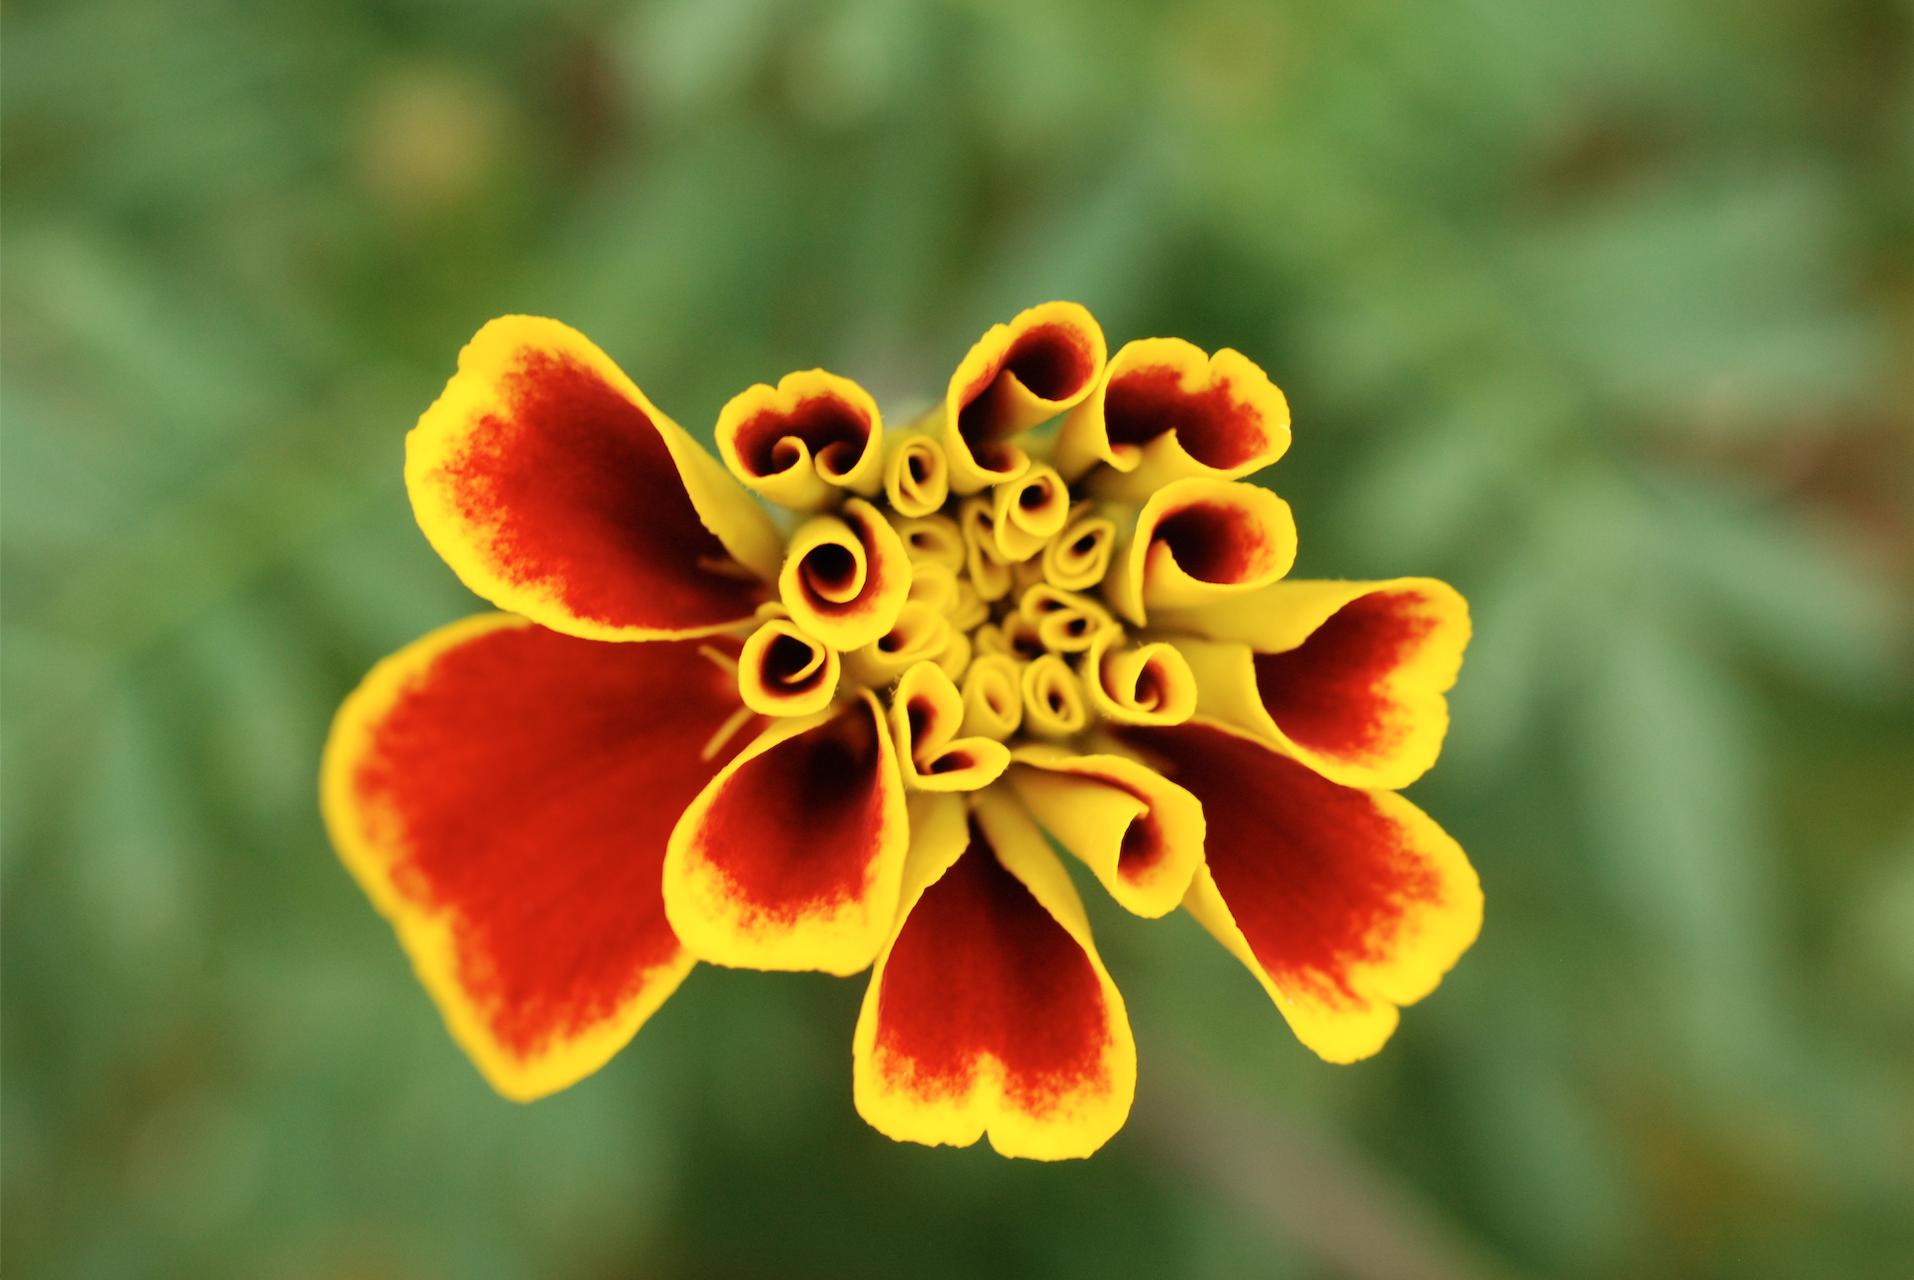 marigold in thailand.jpg